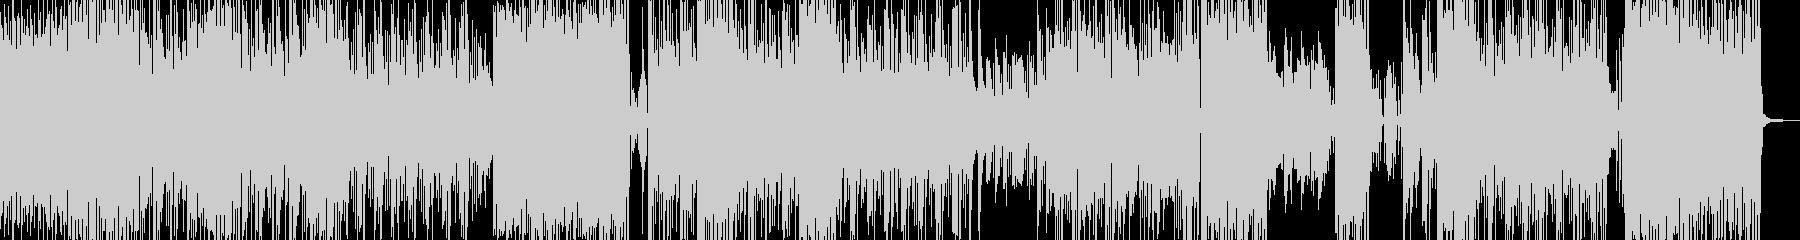 和楽器・おバカな雰囲気溢れるテクノ  Bの未再生の波形